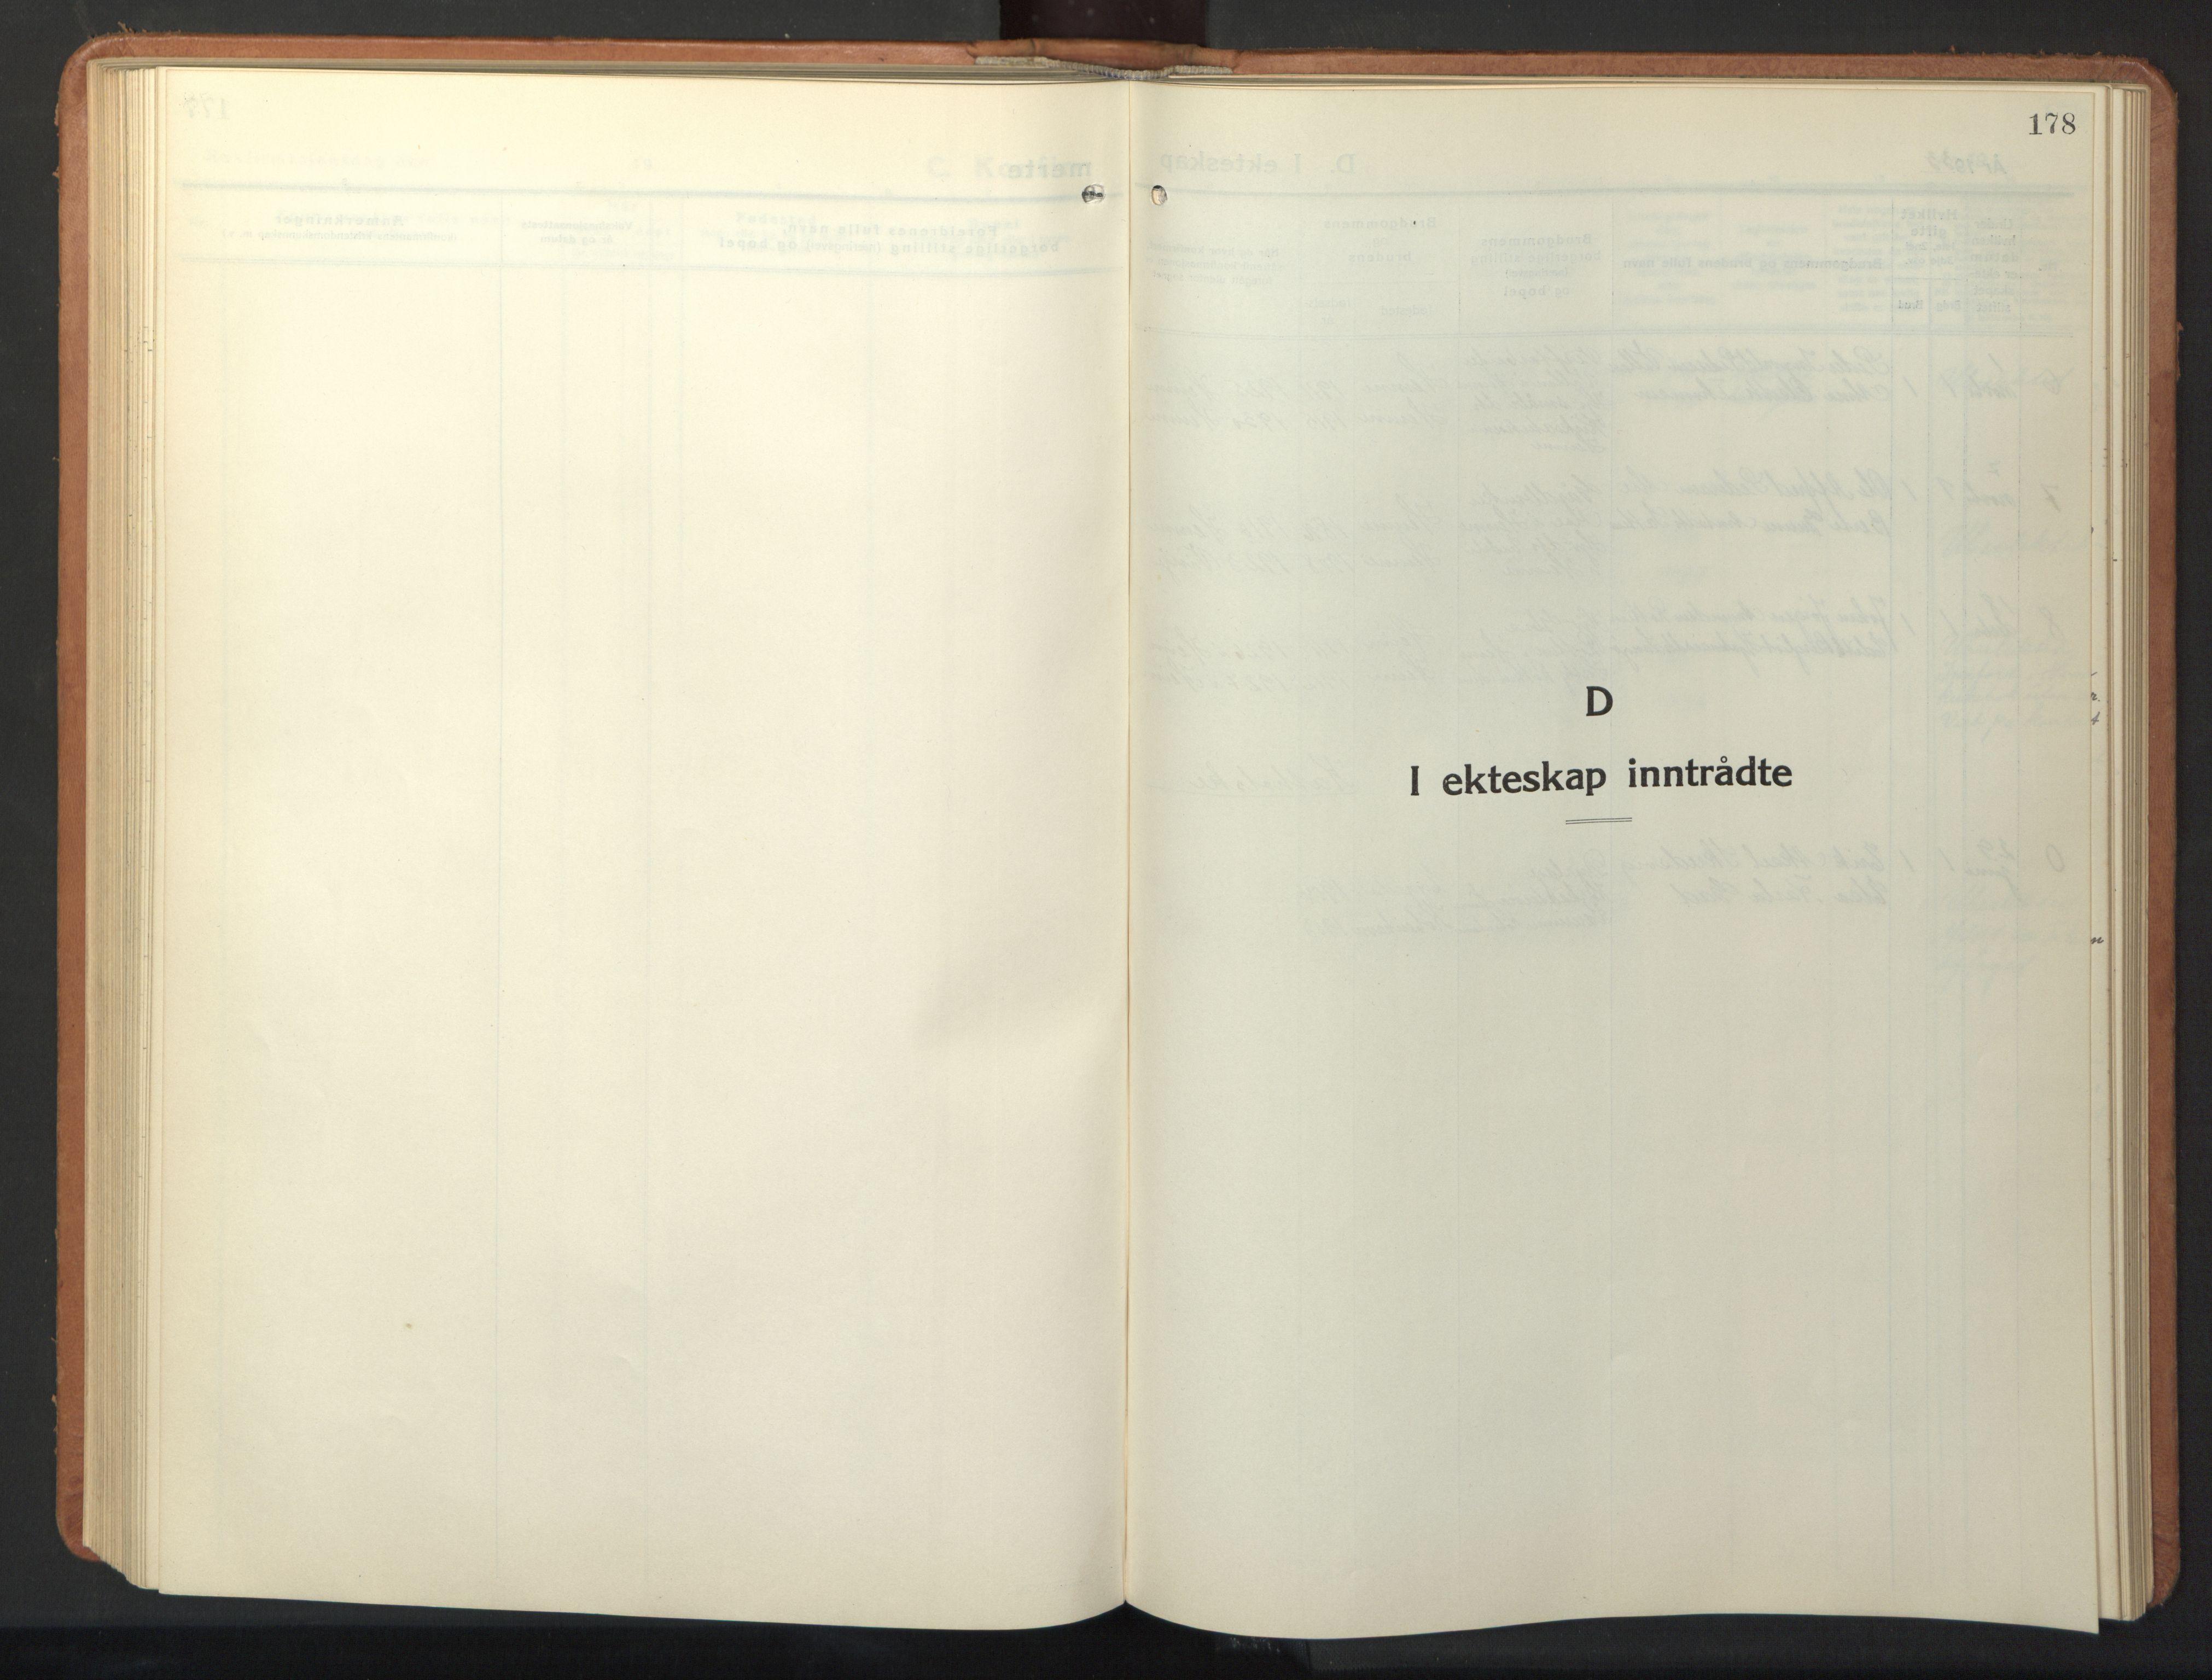 SAT, Ministerialprotokoller, klokkerbøker og fødselsregistre - Sør-Trøndelag, 630/L0508: Klokkerbok nr. 630C06, 1933-1950, s. 178